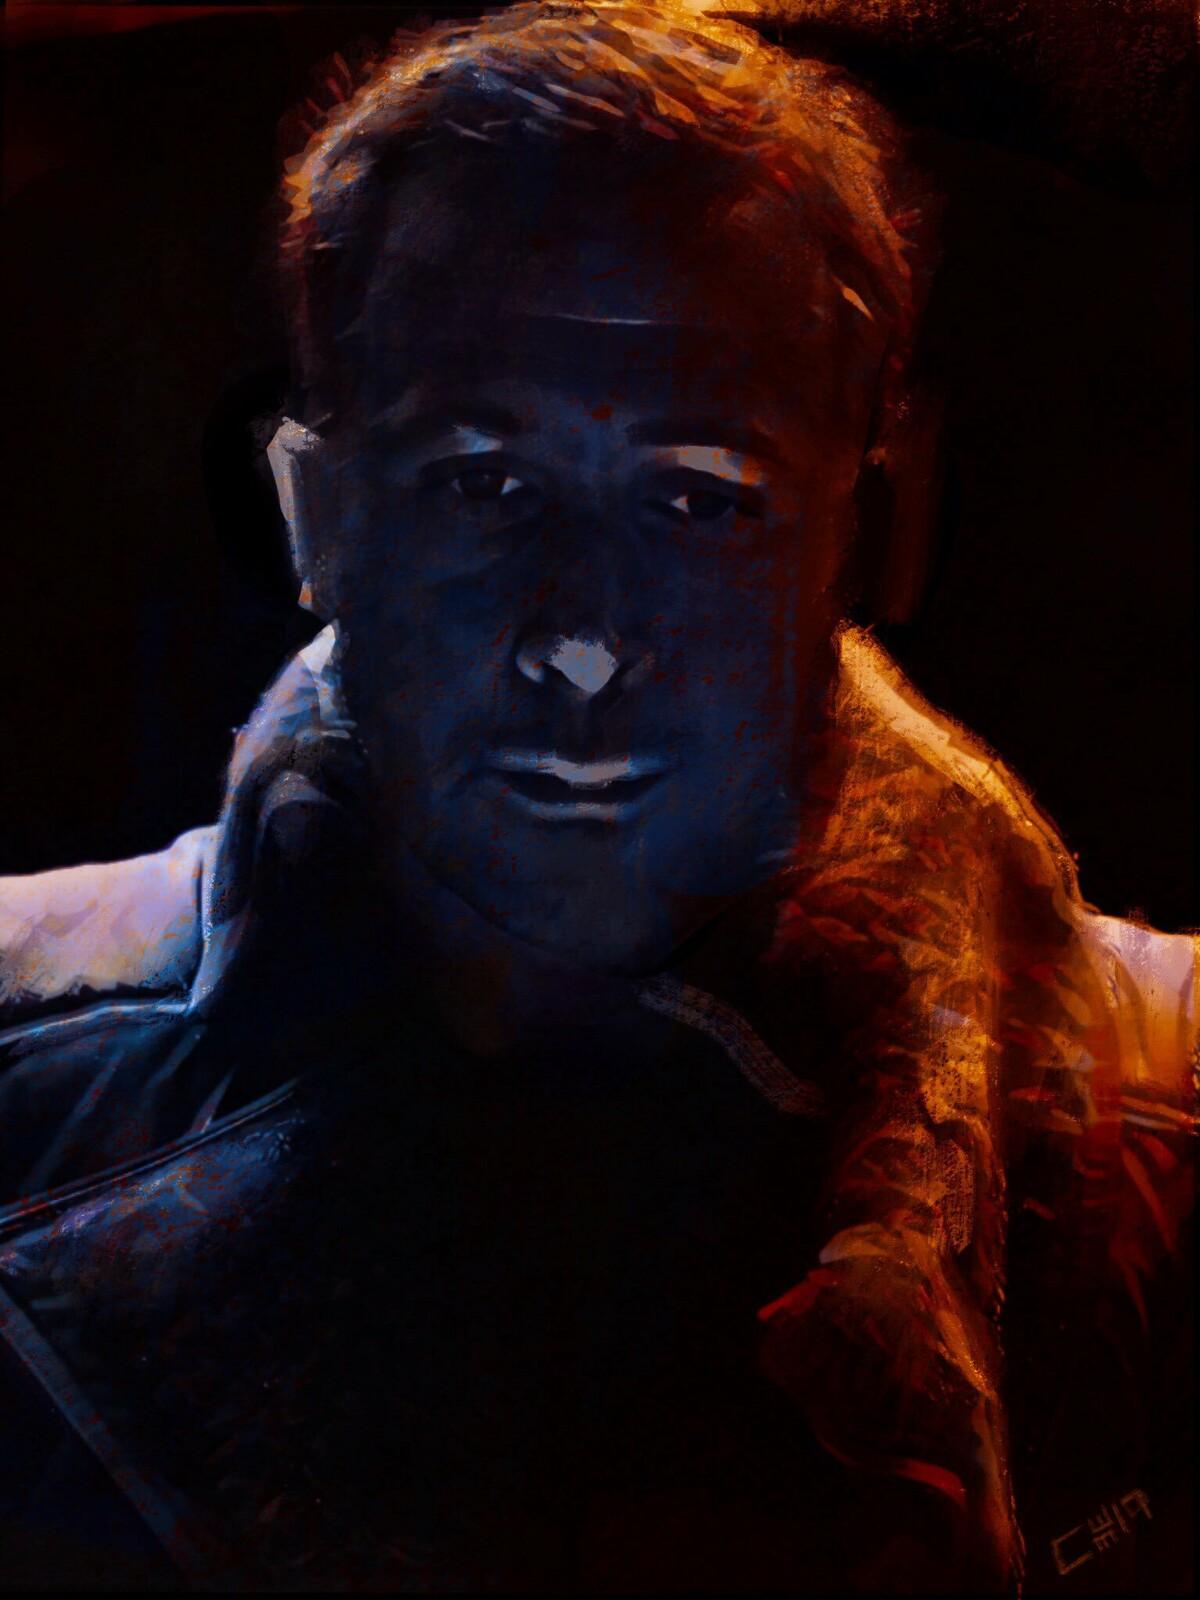 Bladerunner 2049 Portrait